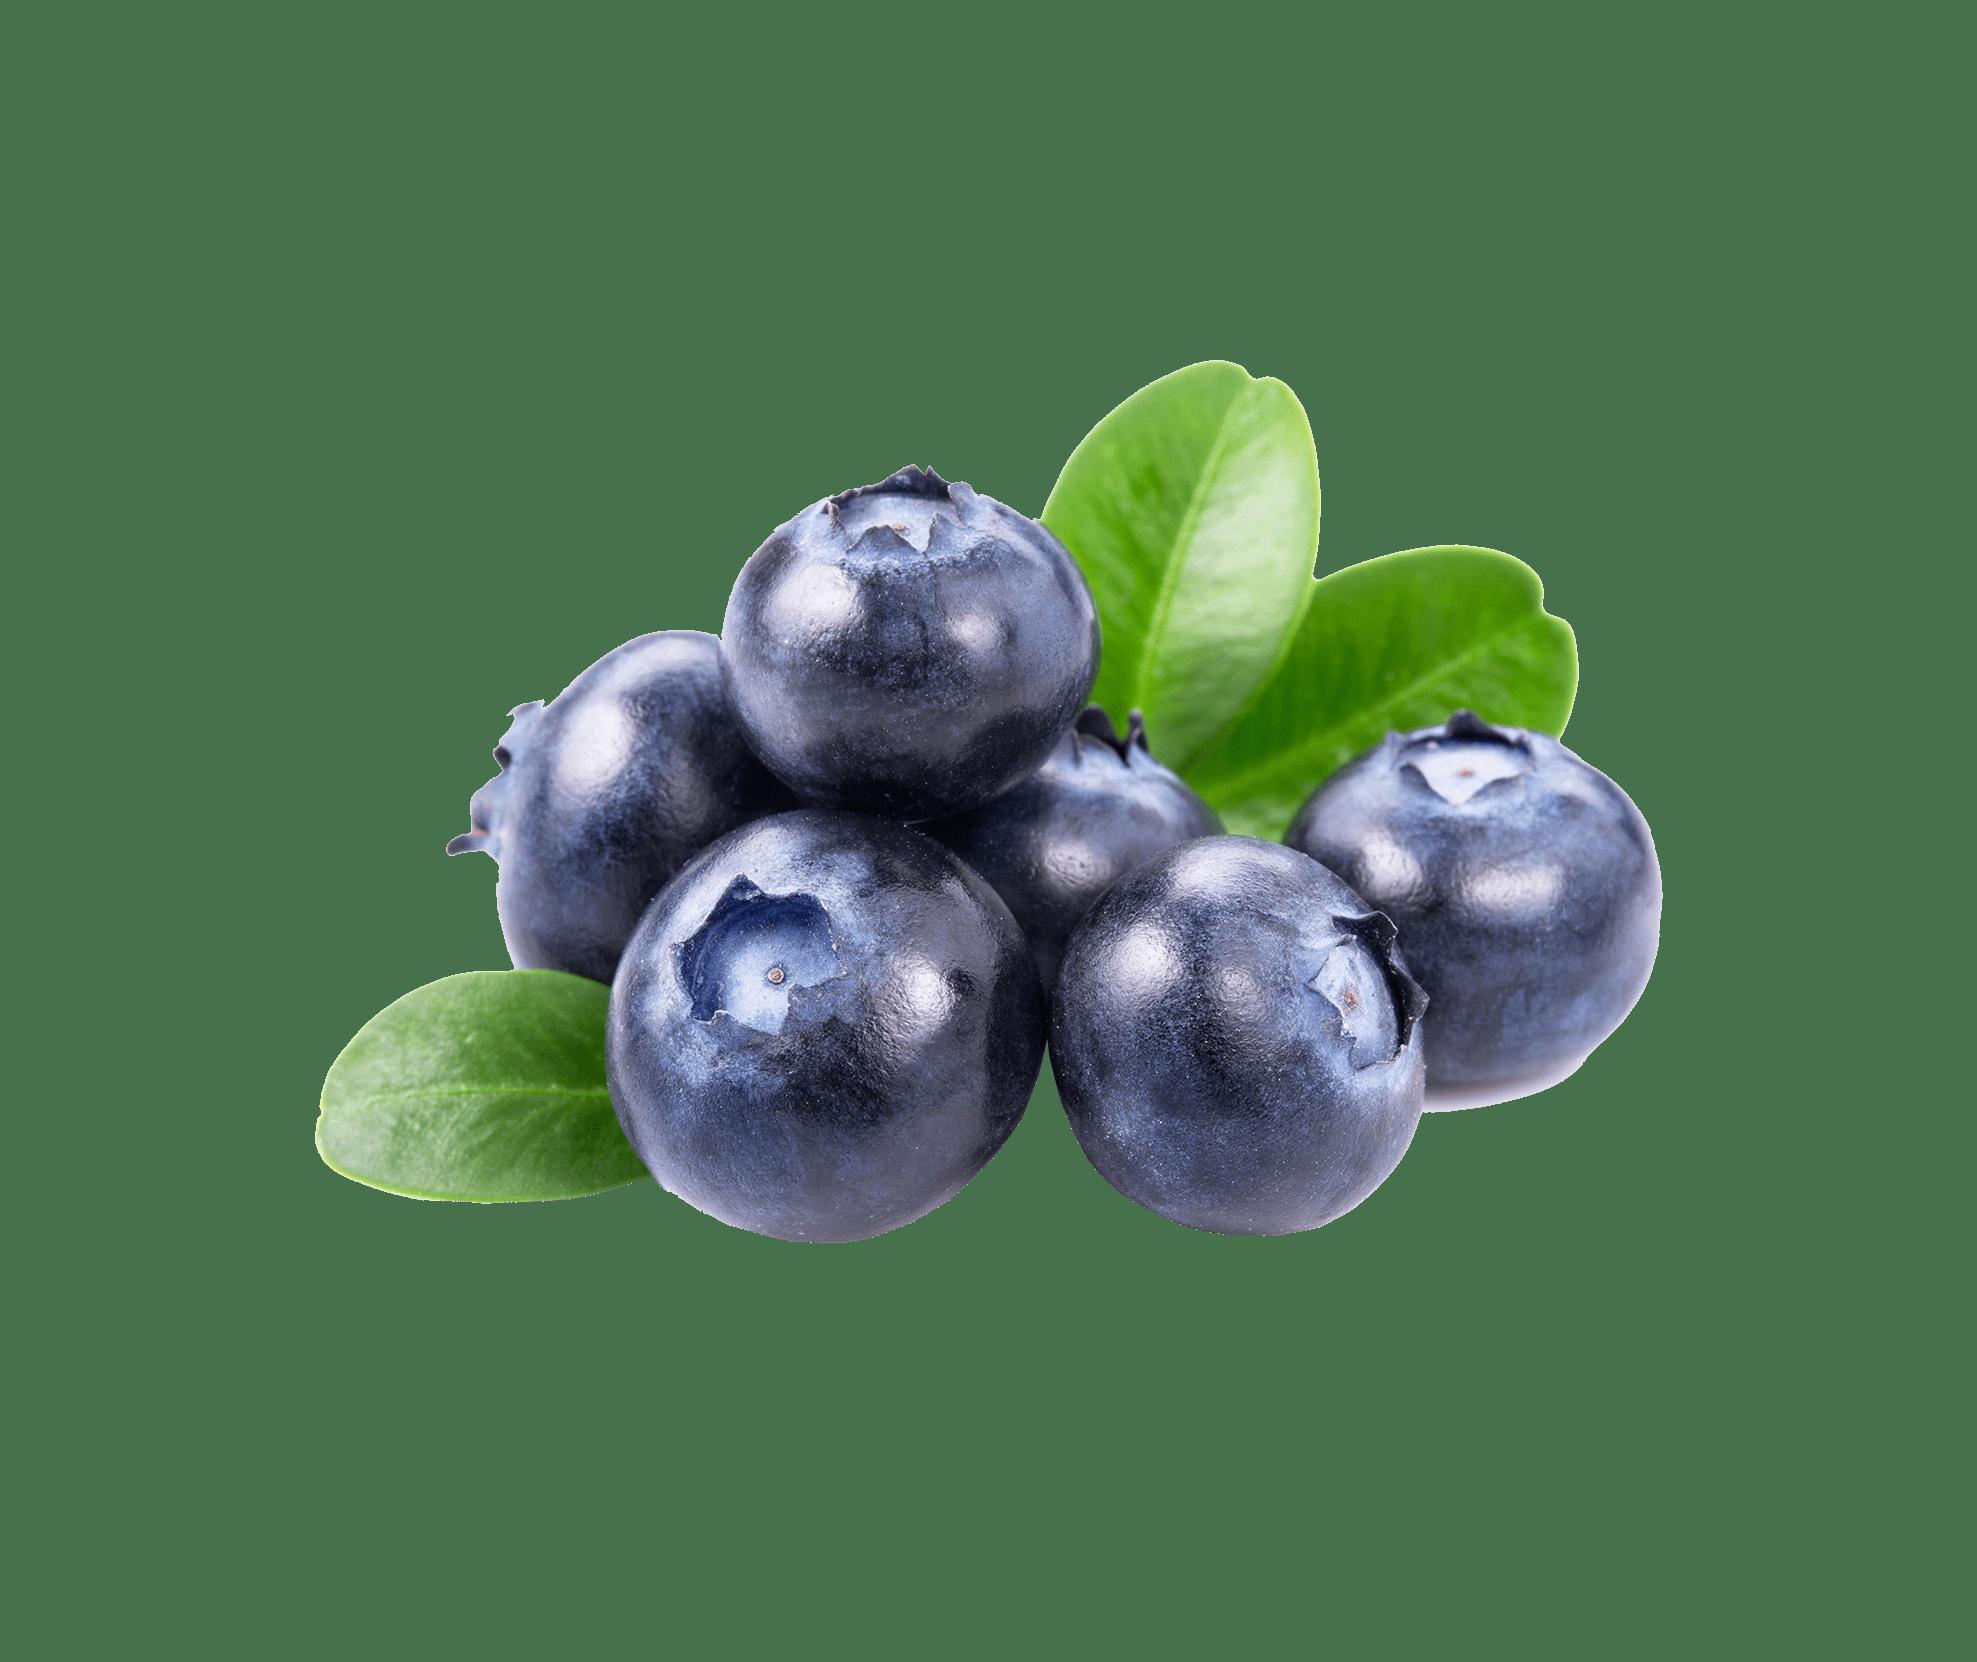 Blueberry - Черника